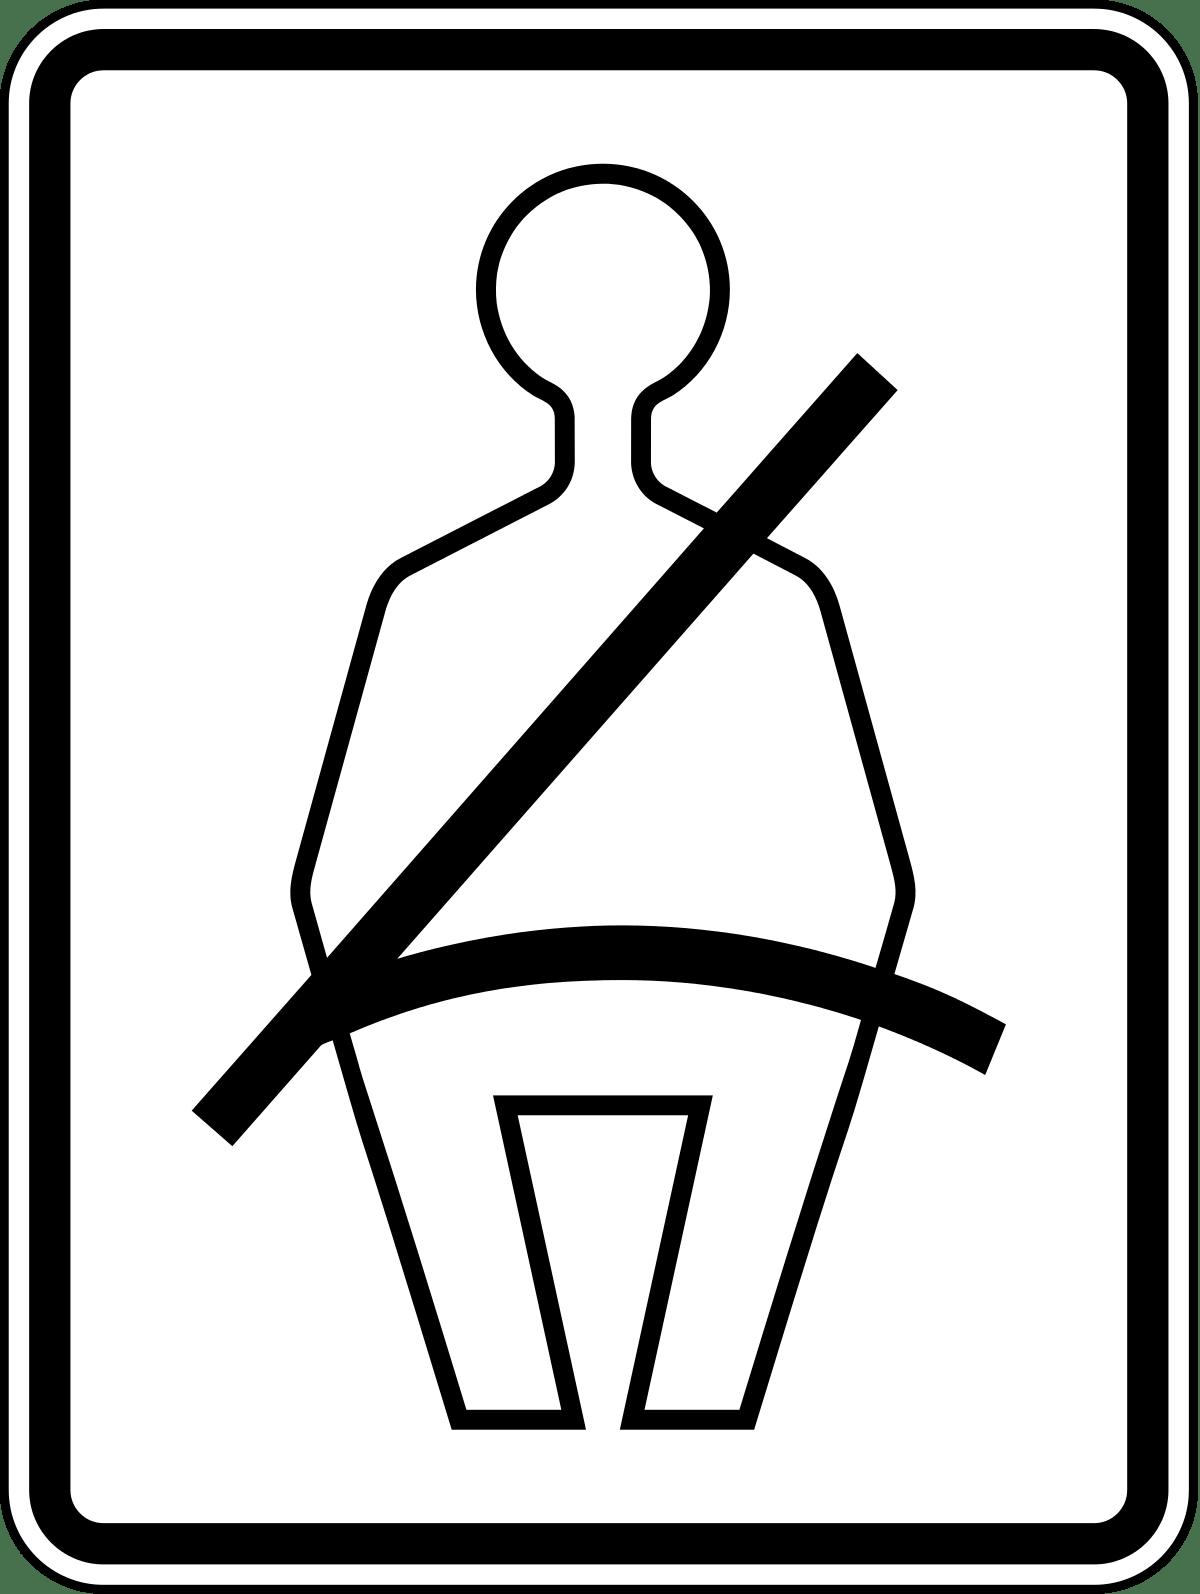 Seat Belt Rectangular Sign transparent PNG.